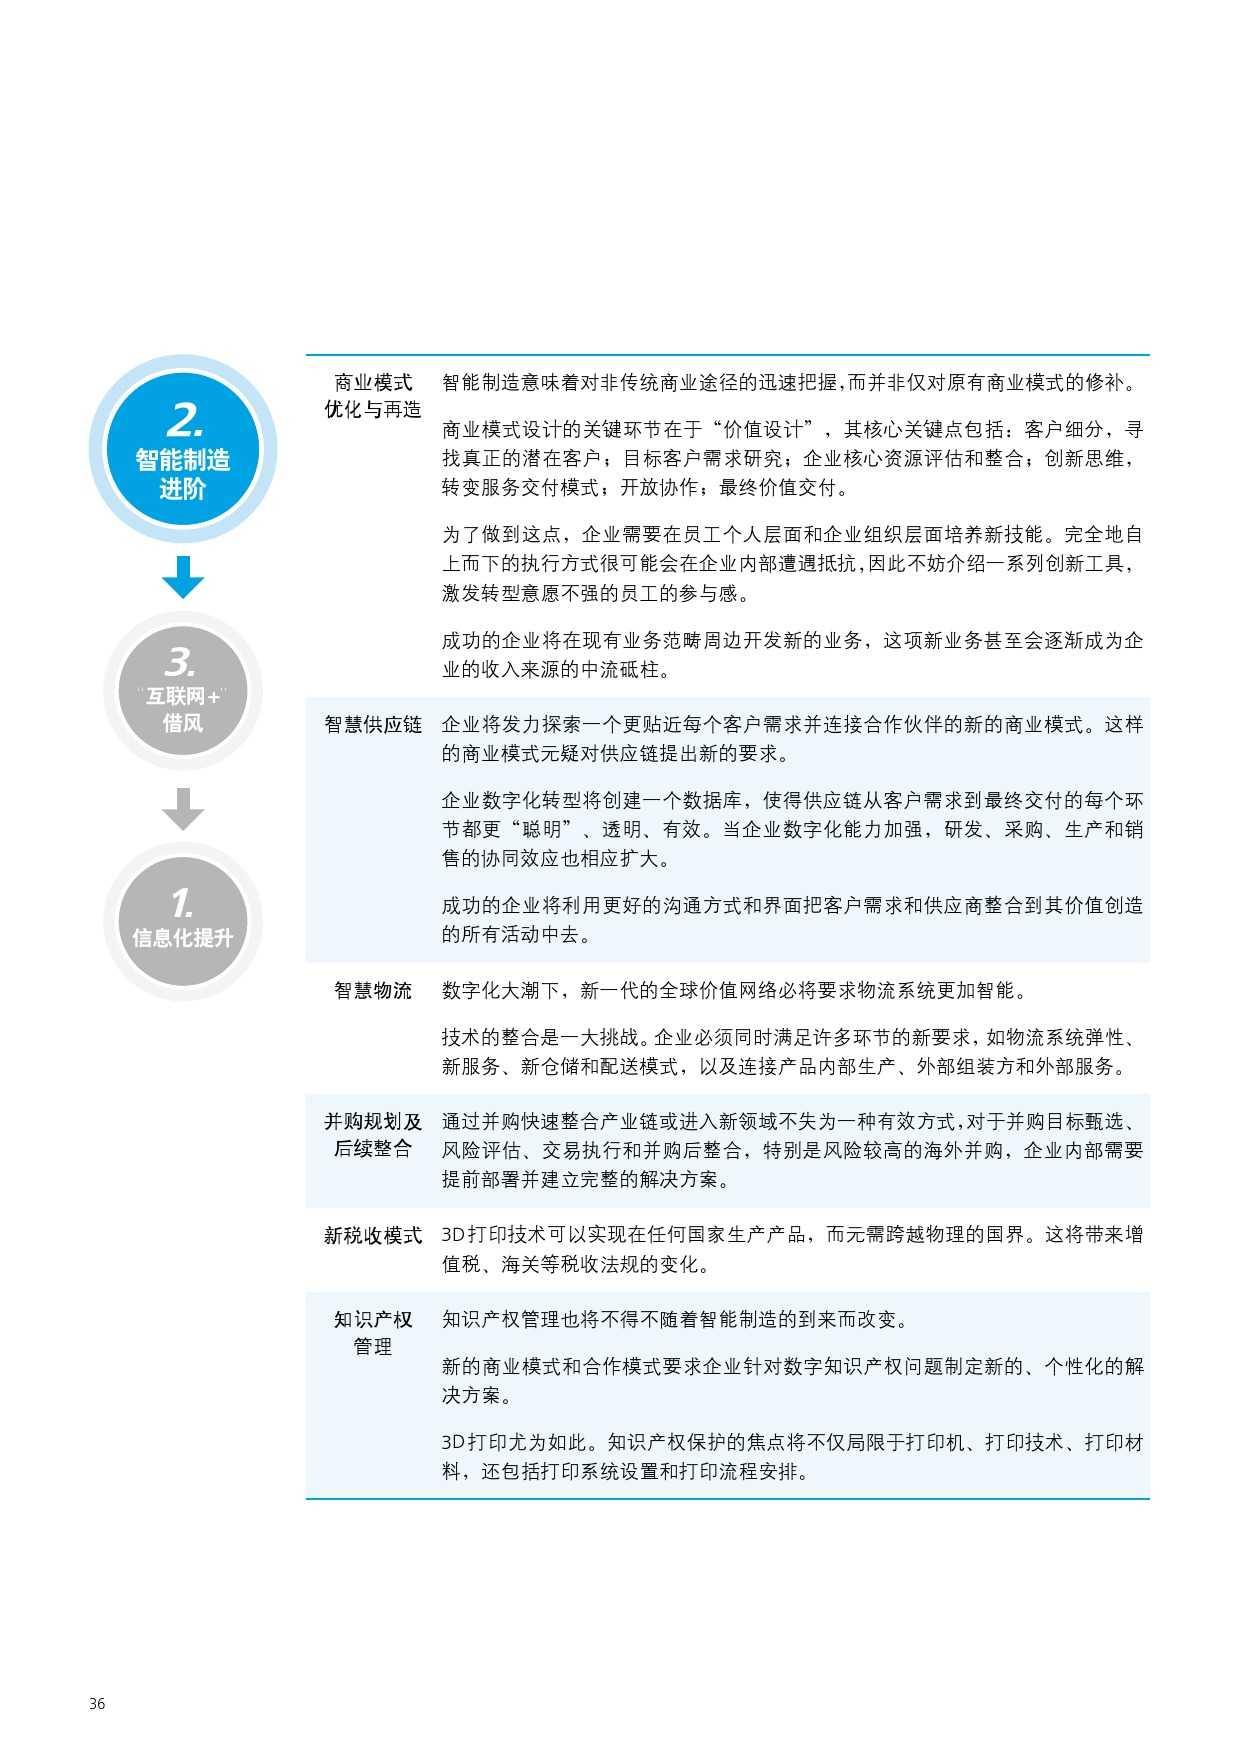 2015年中国制造业企业信息化调查_000038